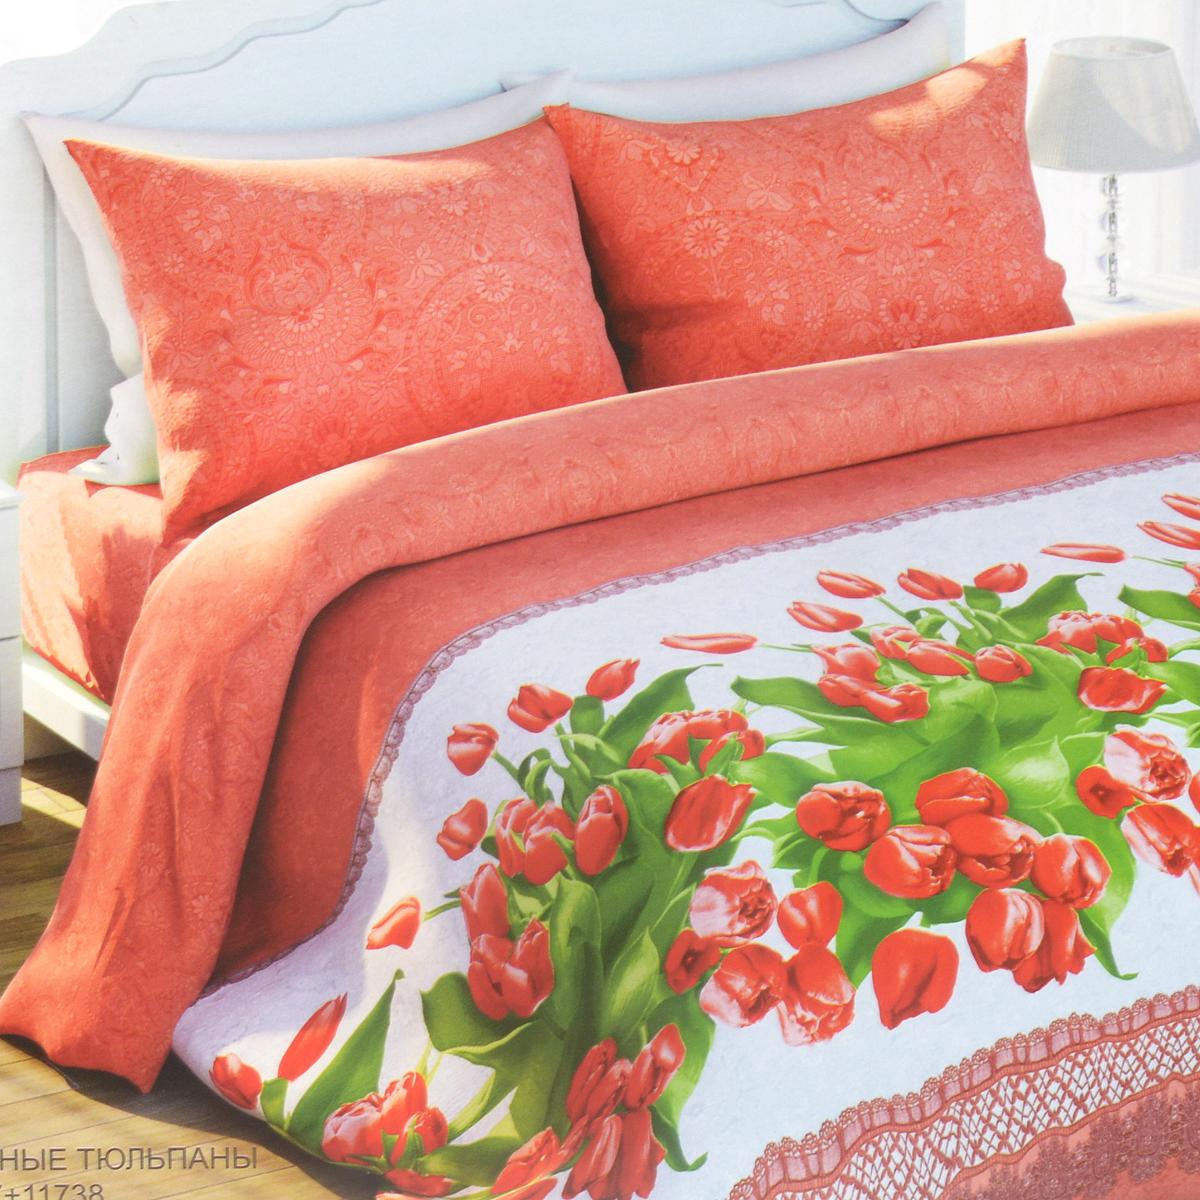 Комплект белья Любимый дом Красные тюльпаны, 1,5-спальный, наволочки 70х70CA-3505Комплект постельного белья Любимый дом Красные тюльпаны состоит из пододеяльника, простыни и двух наволочек. Дизайн - яркие сочные тюльпаны в сочетании с оригинальным орнаментом. Белье изготовлено из новой ткани Биокомфорт, отвечающей всем необходимым нормативным стандартам. Биокомфорт - это ткань полотняного переплетения, из экологически чистого и натурального 100% хлопка. Неоспоримым плюсом белья из такой ткани является мягкость и легкость, она прекрасно пропускает воздух, приятна на ощупь, не образует катышков на поверхности и за ней легко ухаживать. При соблюдении рекомендаций по уходу, это белье выдерживает много стирок, не линяет и не теряет свою первоначальную прочность. Уникальная ткань обеспечивает легкую глажку.